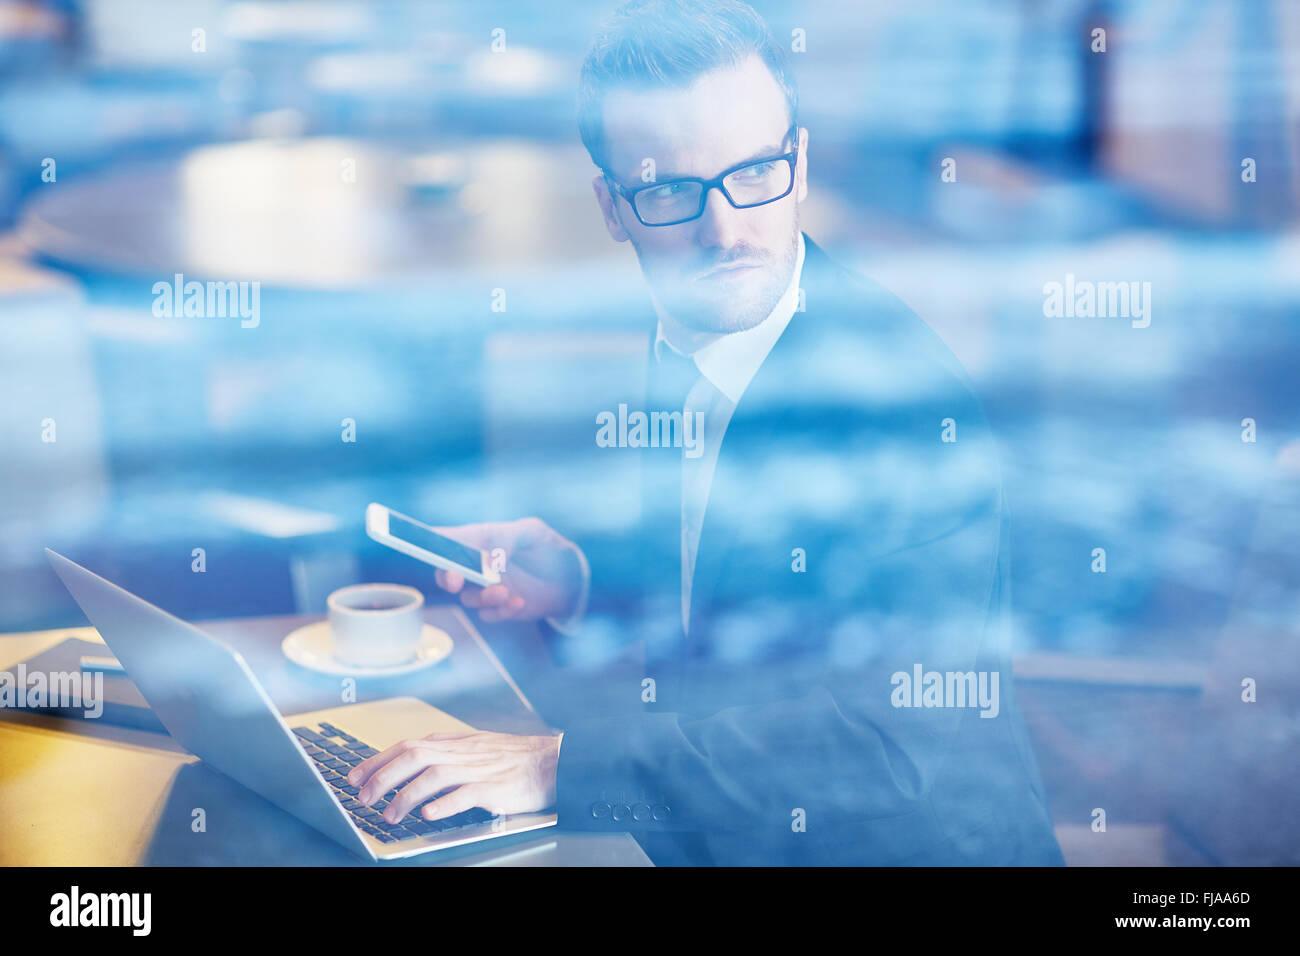 Grave dipendente con il cellulare digitando su laptop Immagini Stock